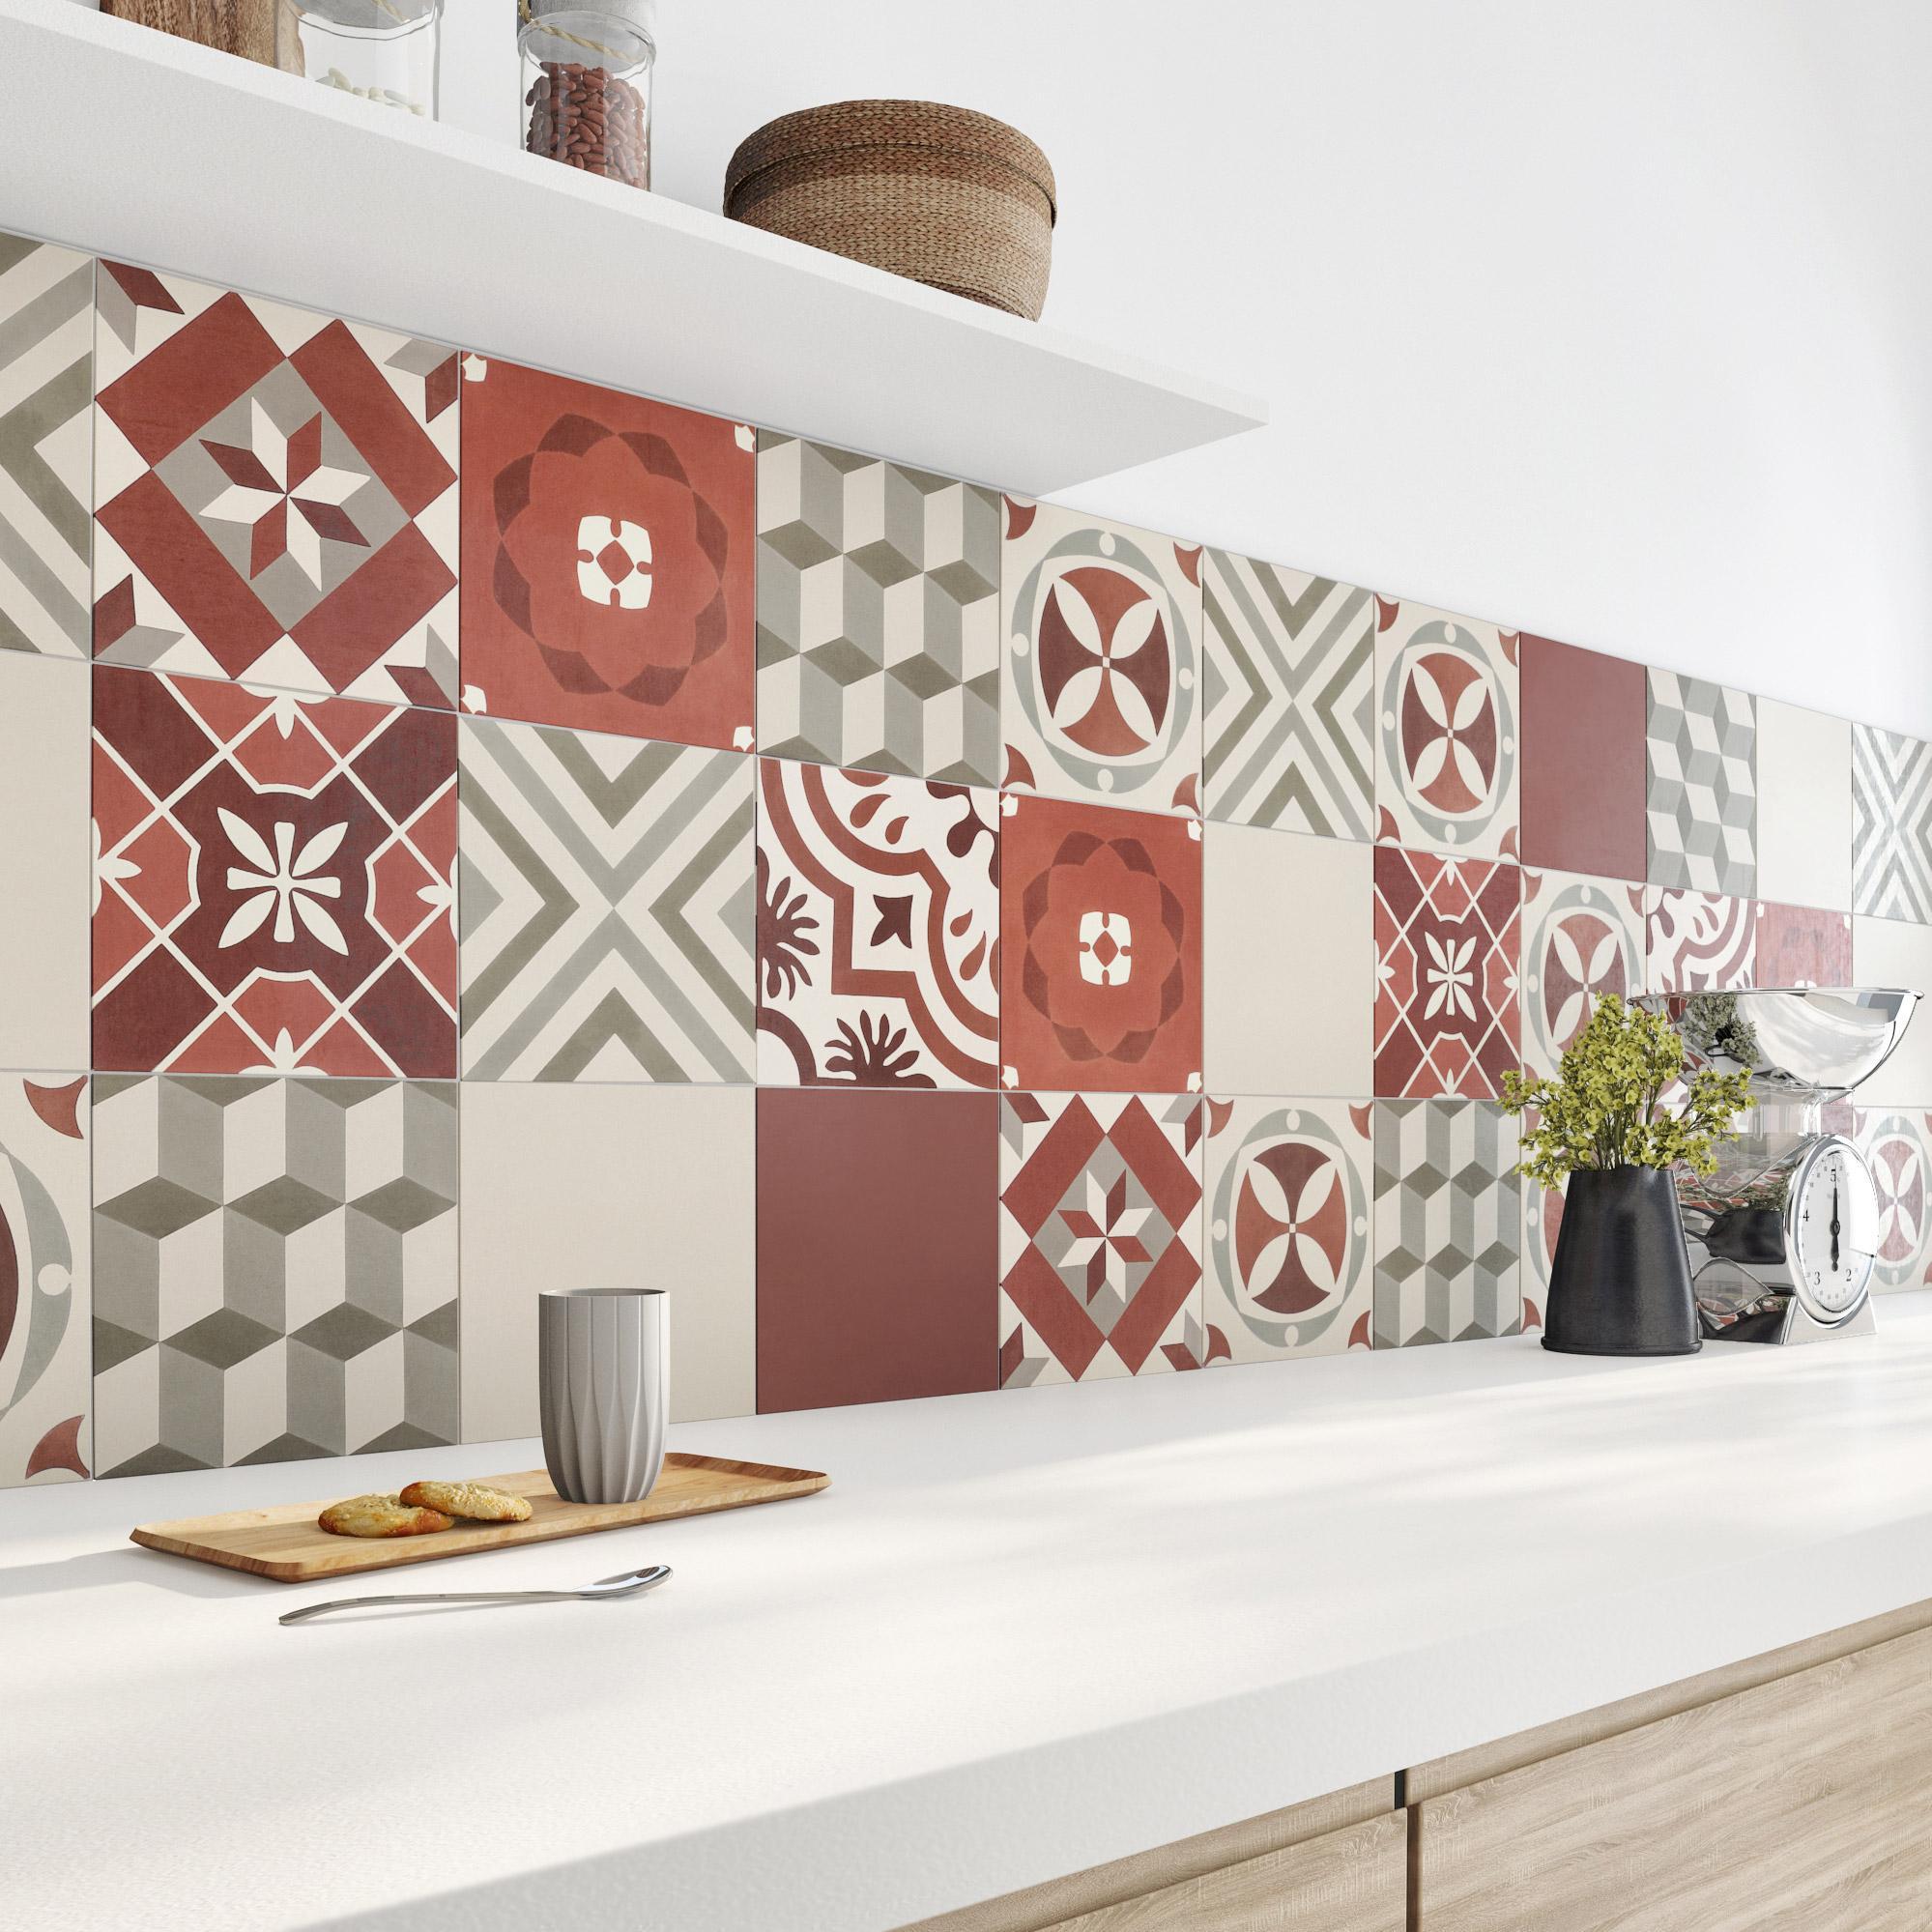 Carreau de ciment mur rouge Belle epoque l.20 x L.20 cm